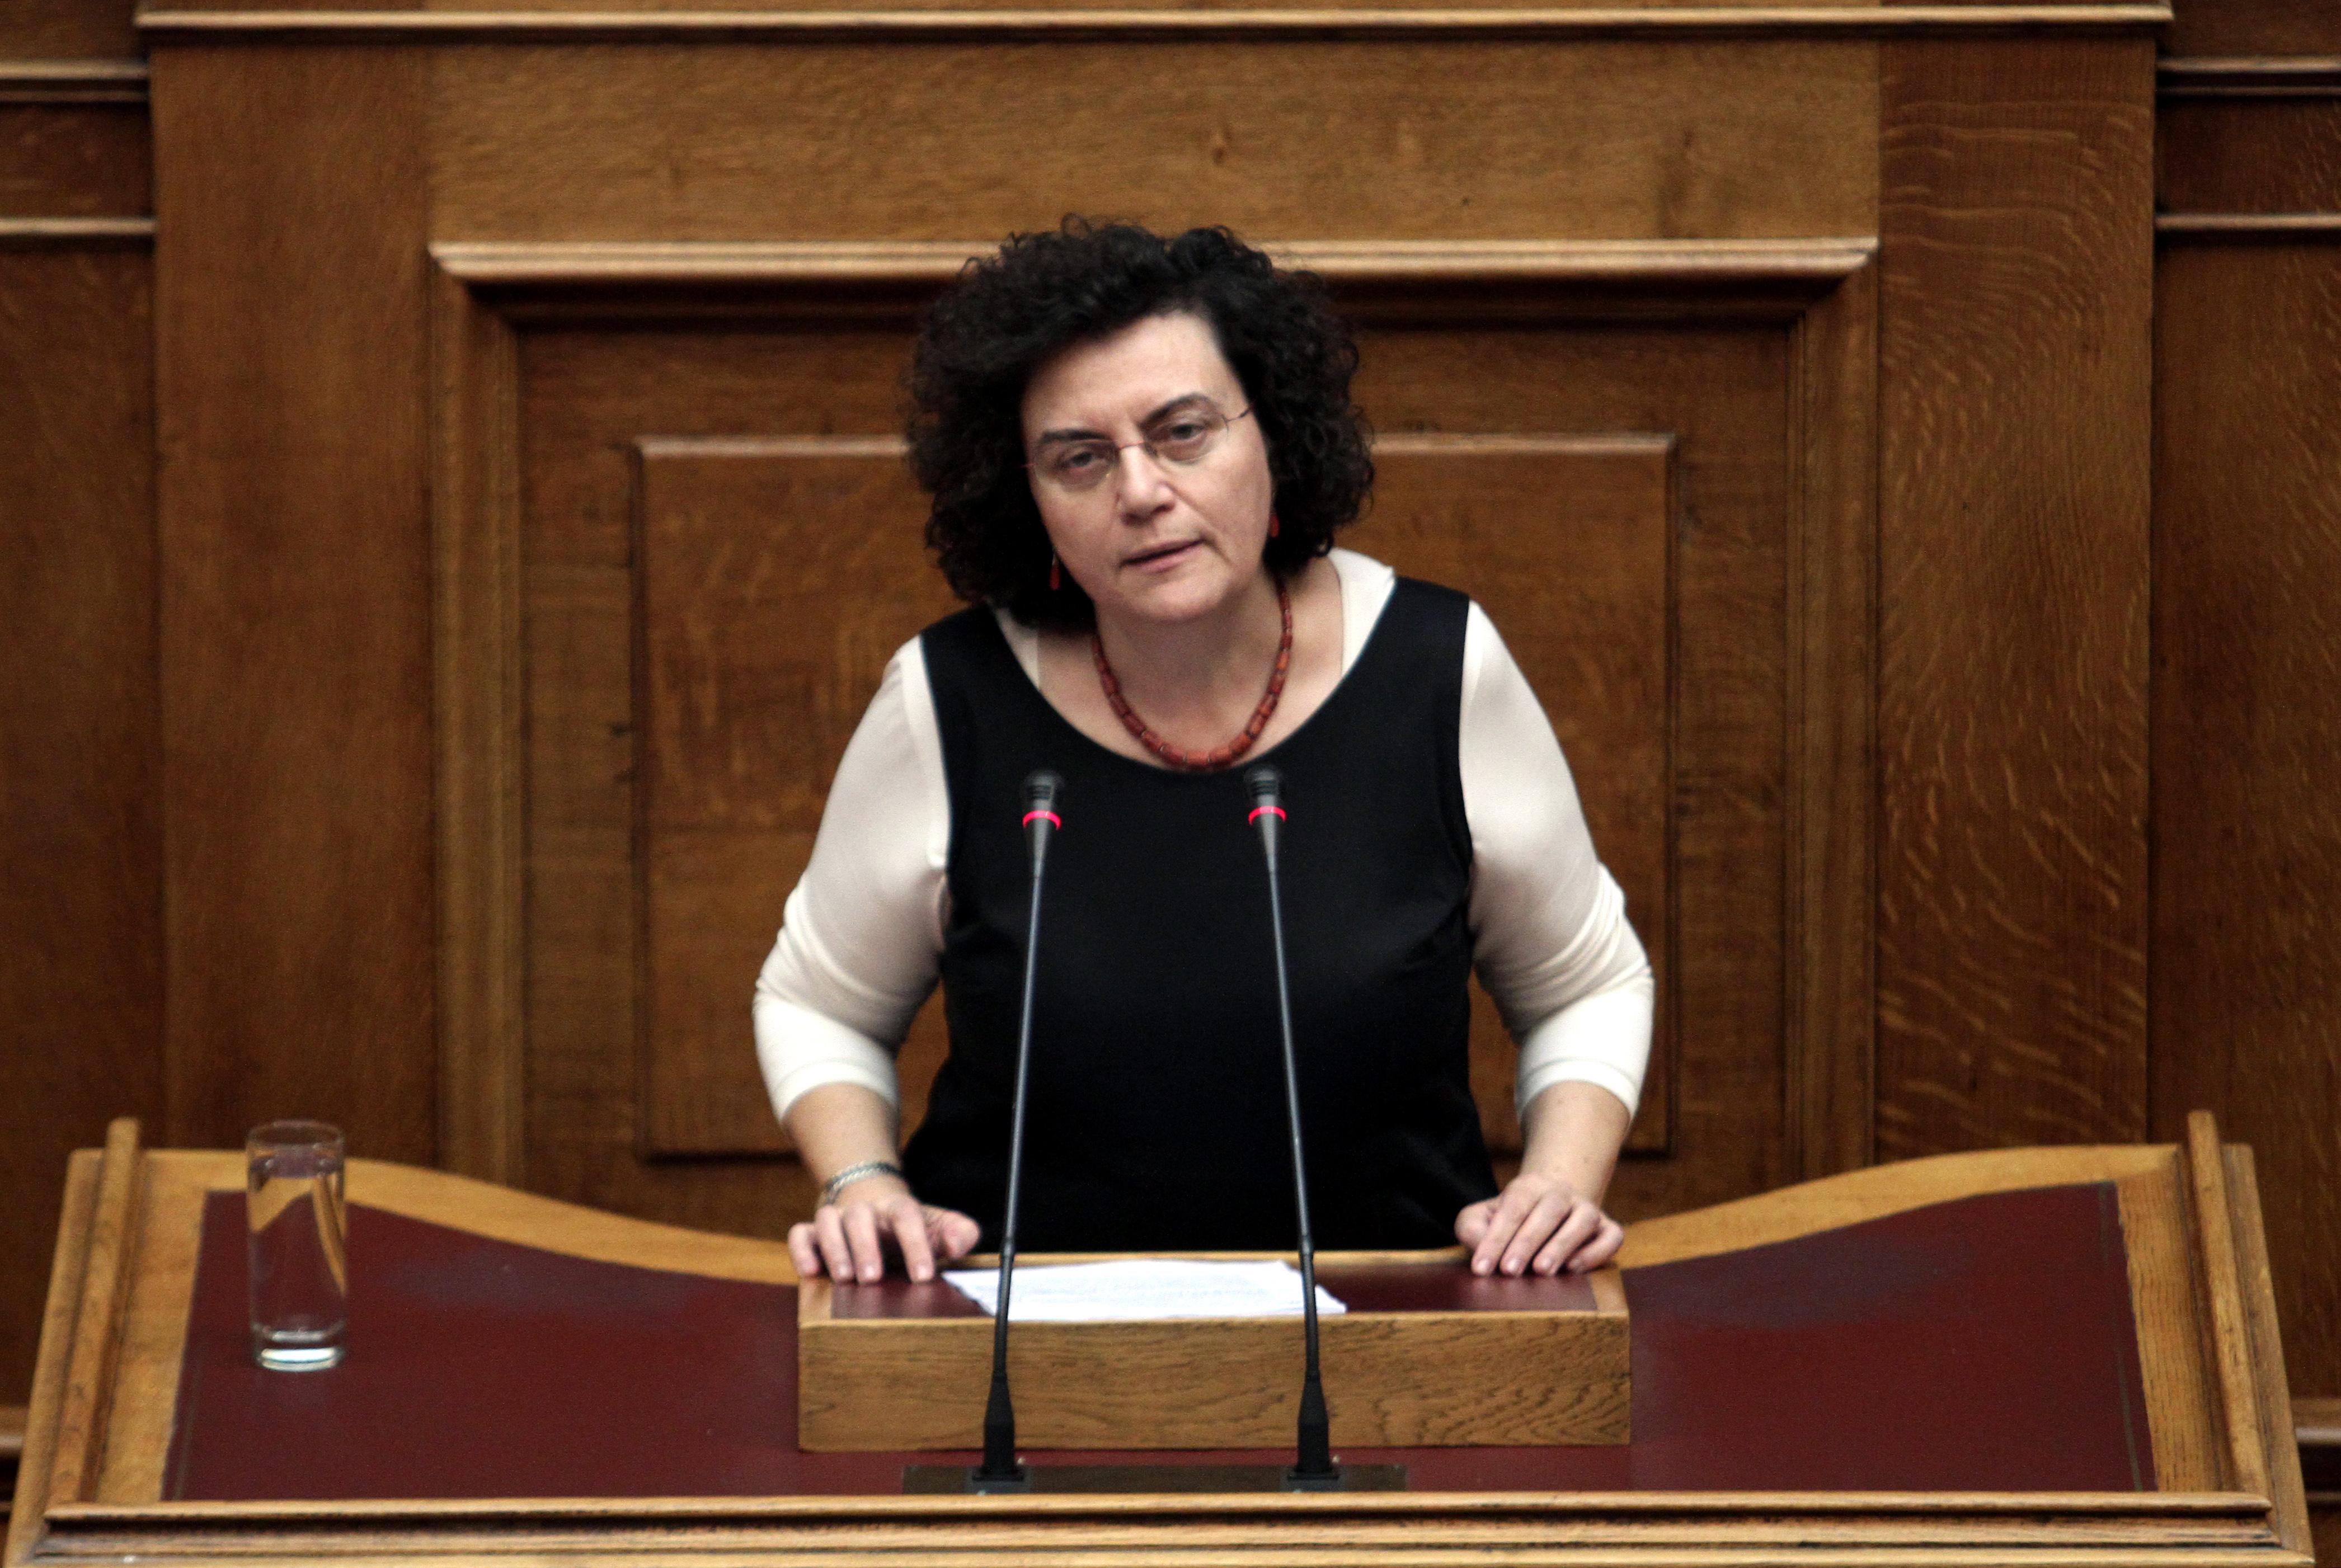 Ν. Βαλαβάνη: Συμμαχία με Κίνα και Ρωσία υπέρ των εργαζομένων   tovima.gr